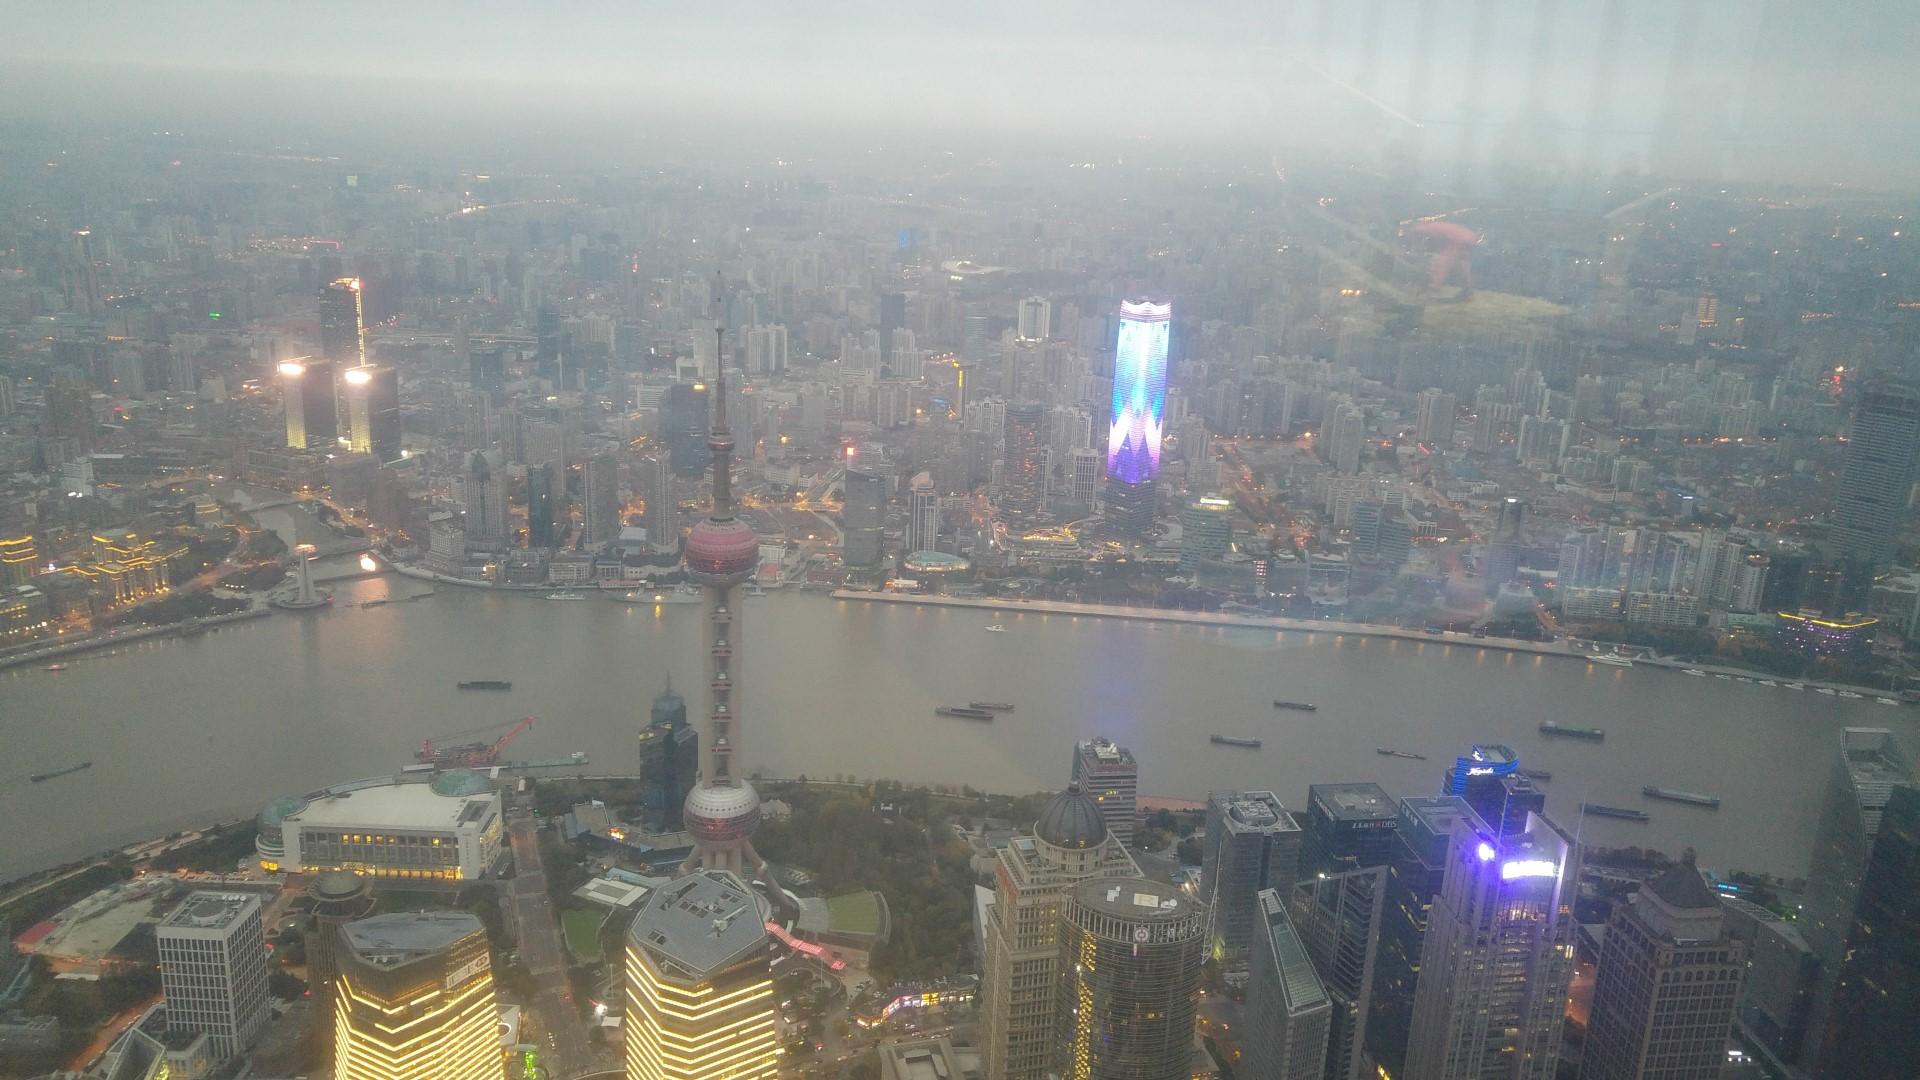 Dieses Bild wurde in 500m Höhe geschossen - weit reicht der Blick durch die dreckige Luft trotzdem nicht